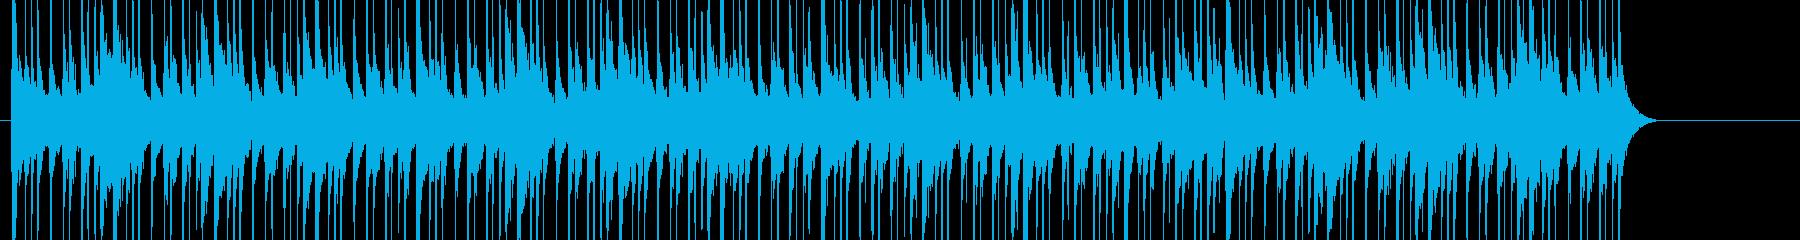 ゆったり 上品 気品 田園 草原の再生済みの波形